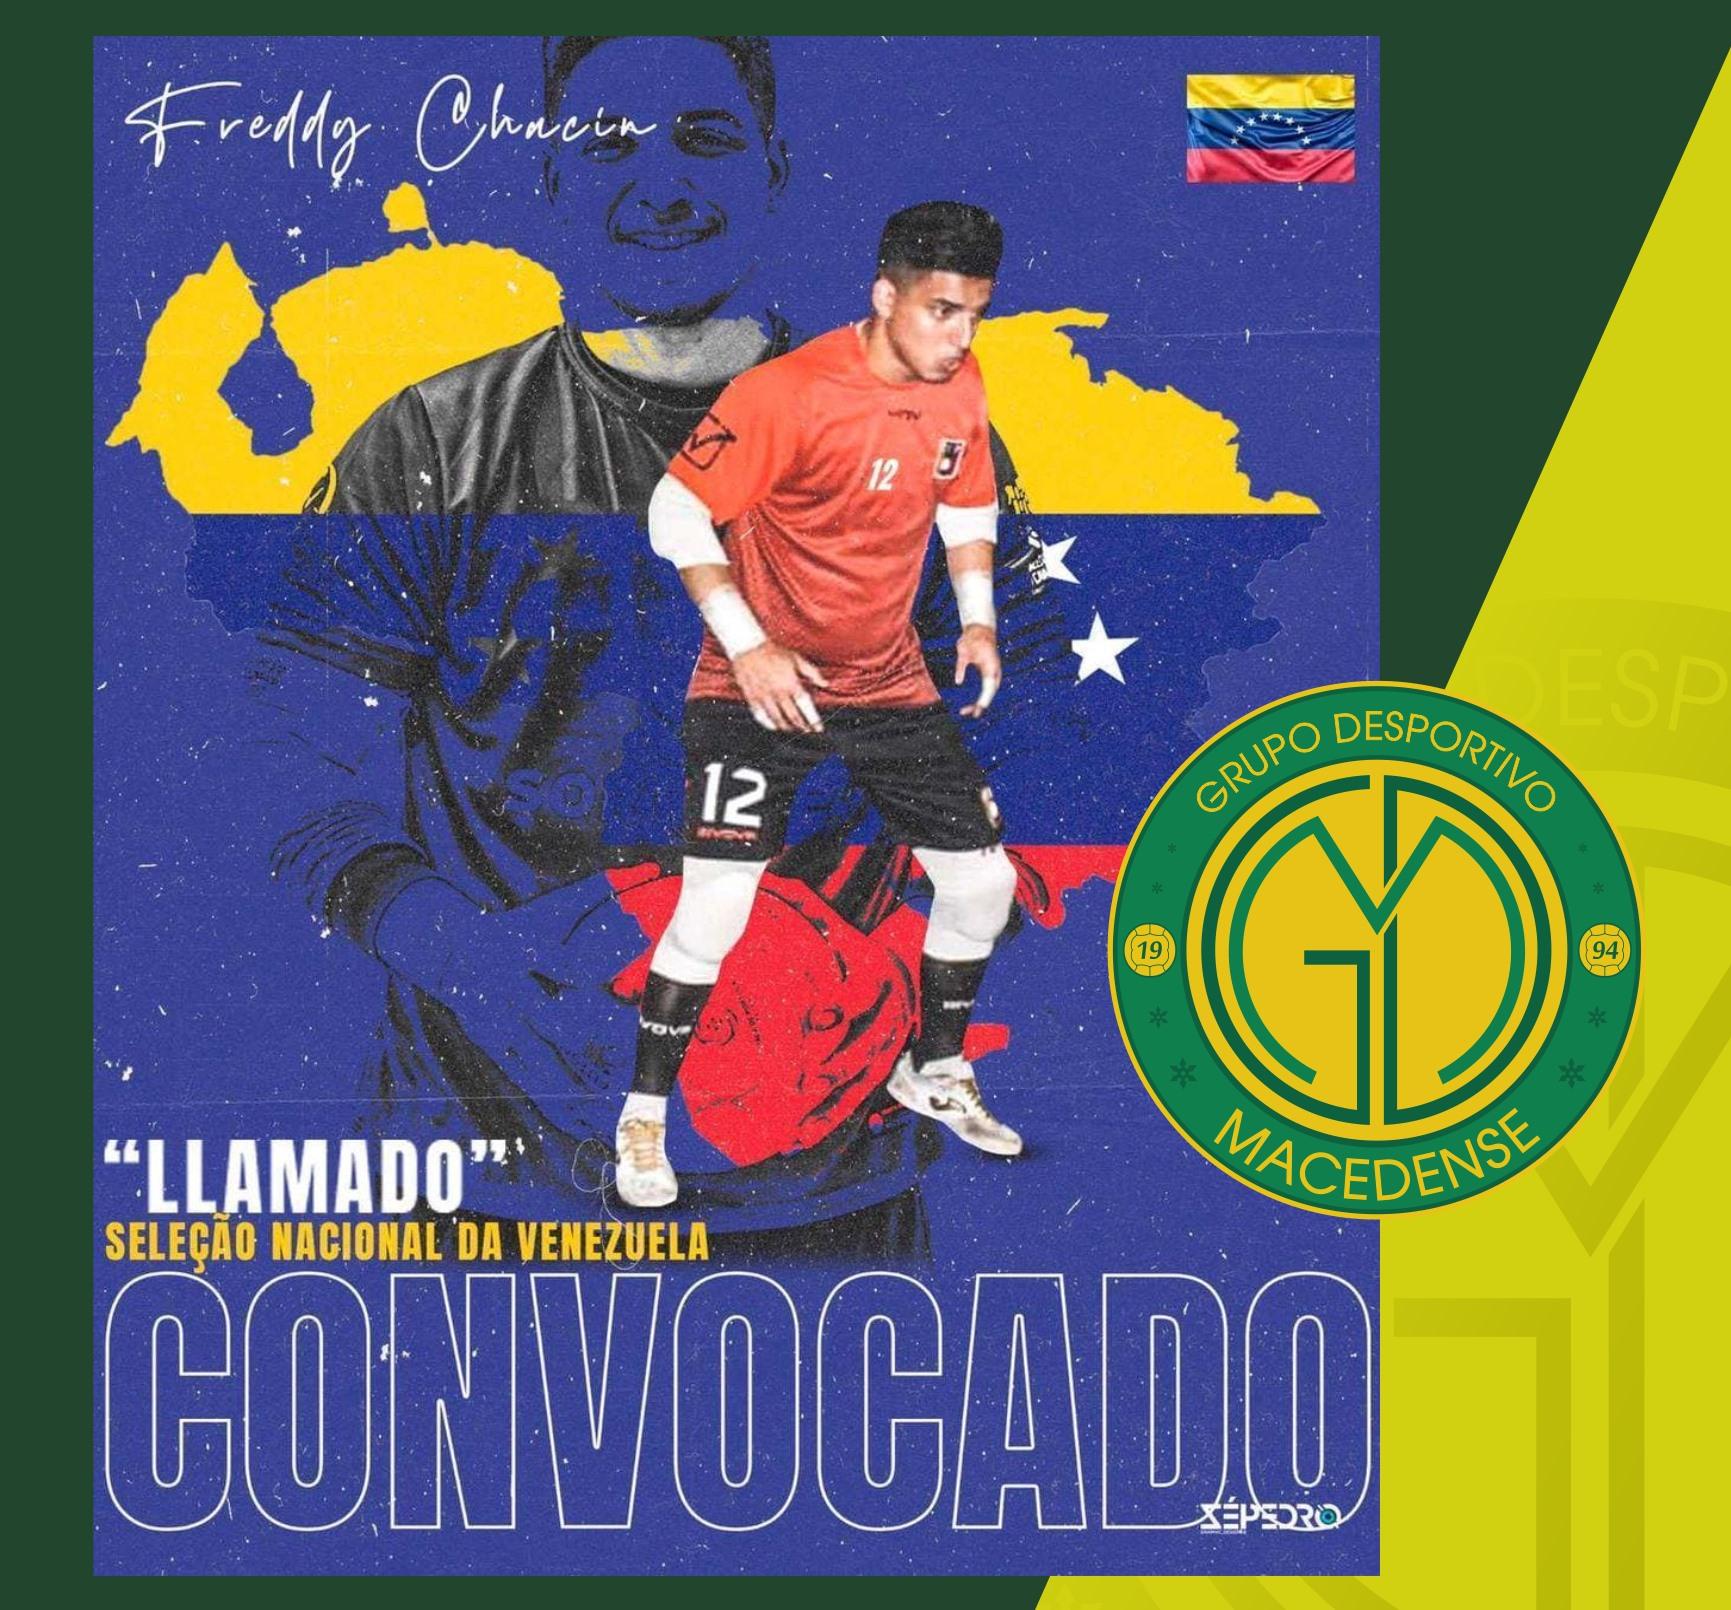 Guarda-redes do GDM volta a ser convocado para representar a Seleção Venezuelana de Futsal